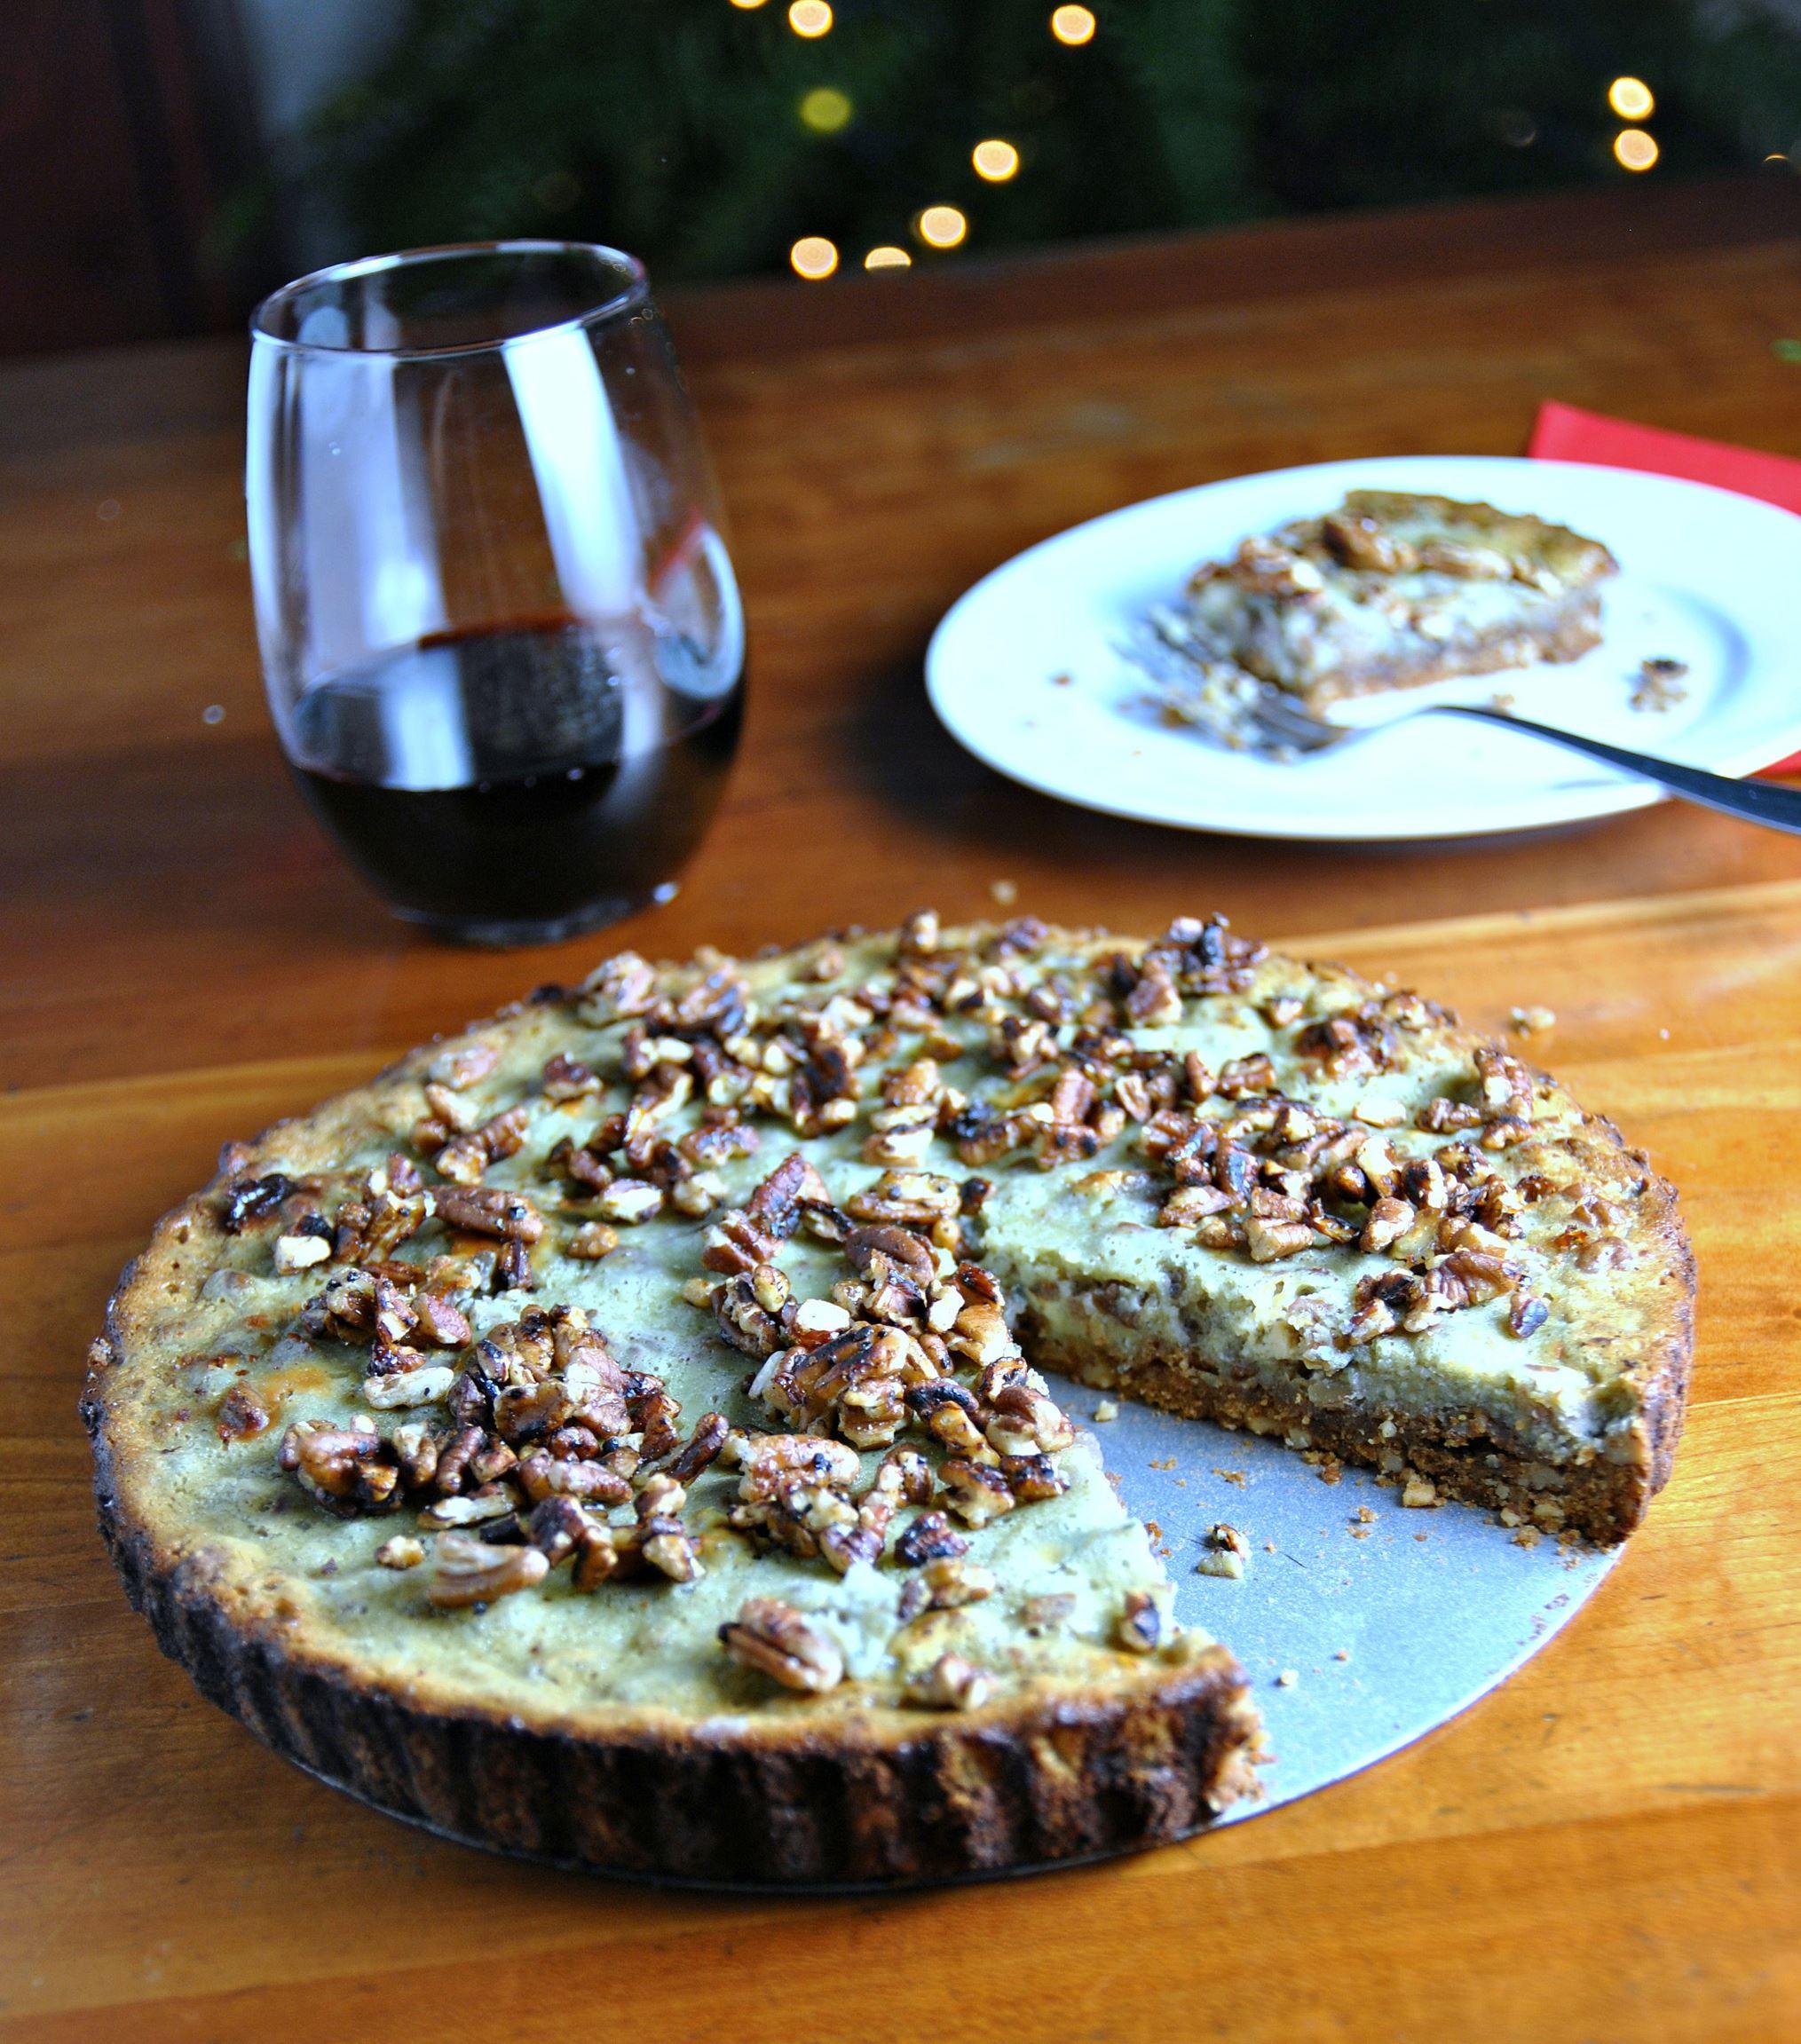 BLUECHEESETART1 Pecan maple blue cheese bourbon tart.